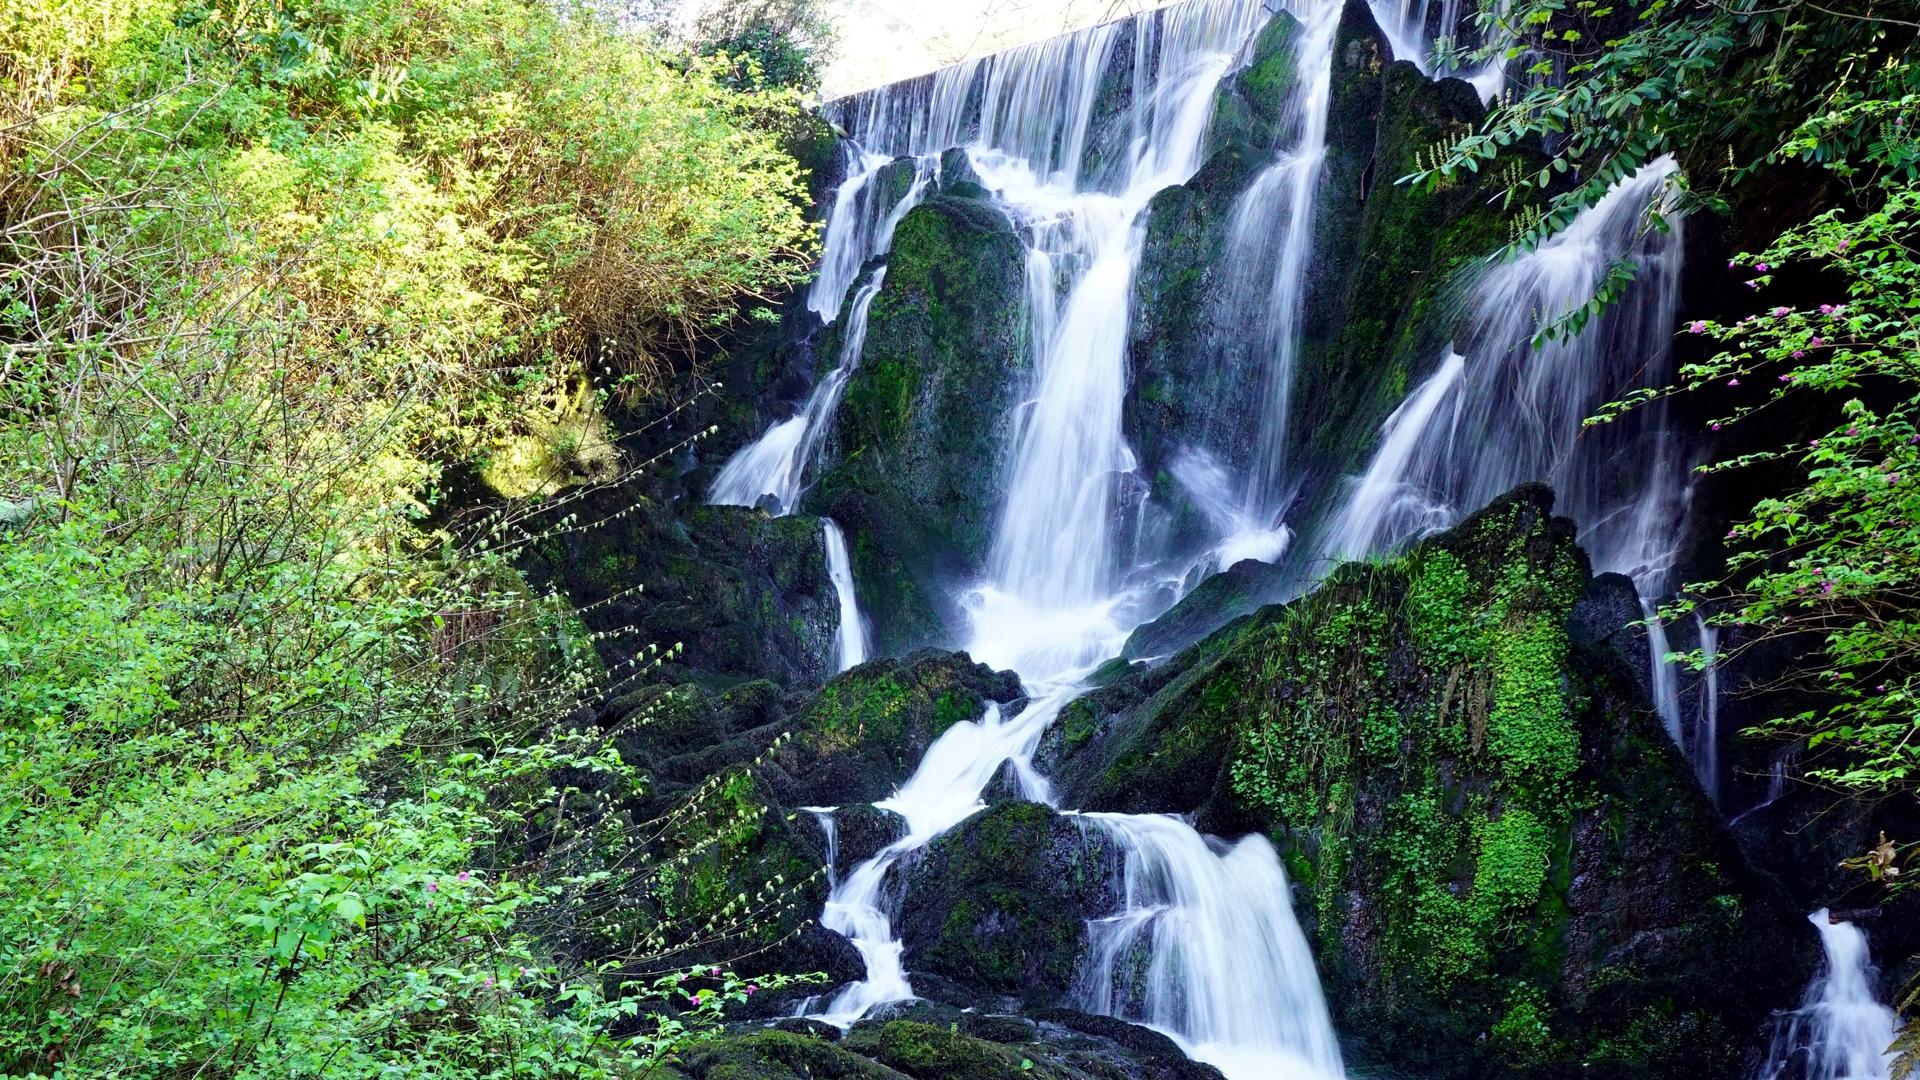 Crawfordsburn Waterfall